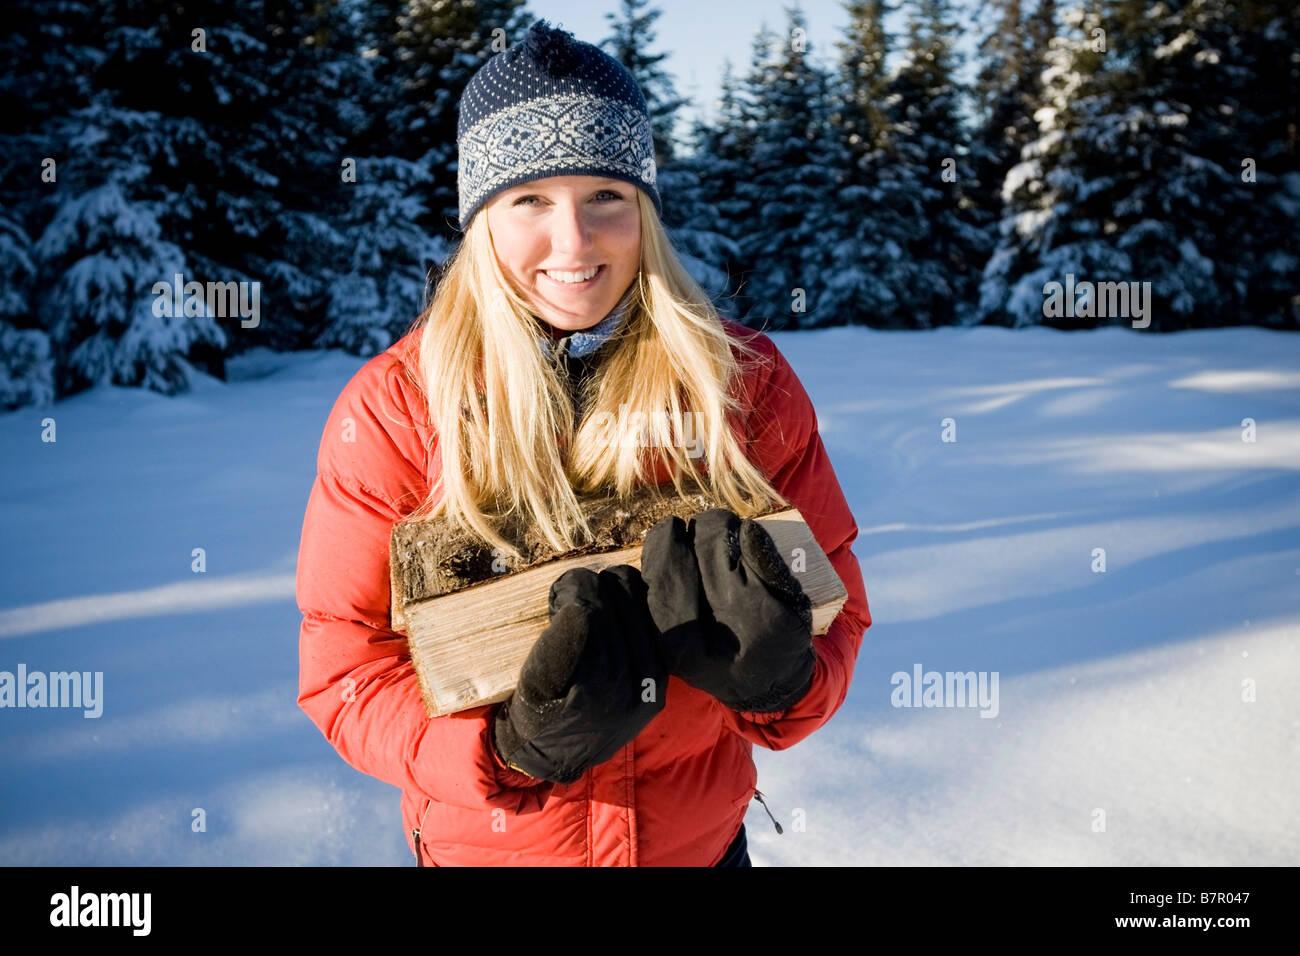 Giovane donna con le racchette da neve porta un trito di legno vicino a Omero, Alaska durante l'inverno. Immagini Stock